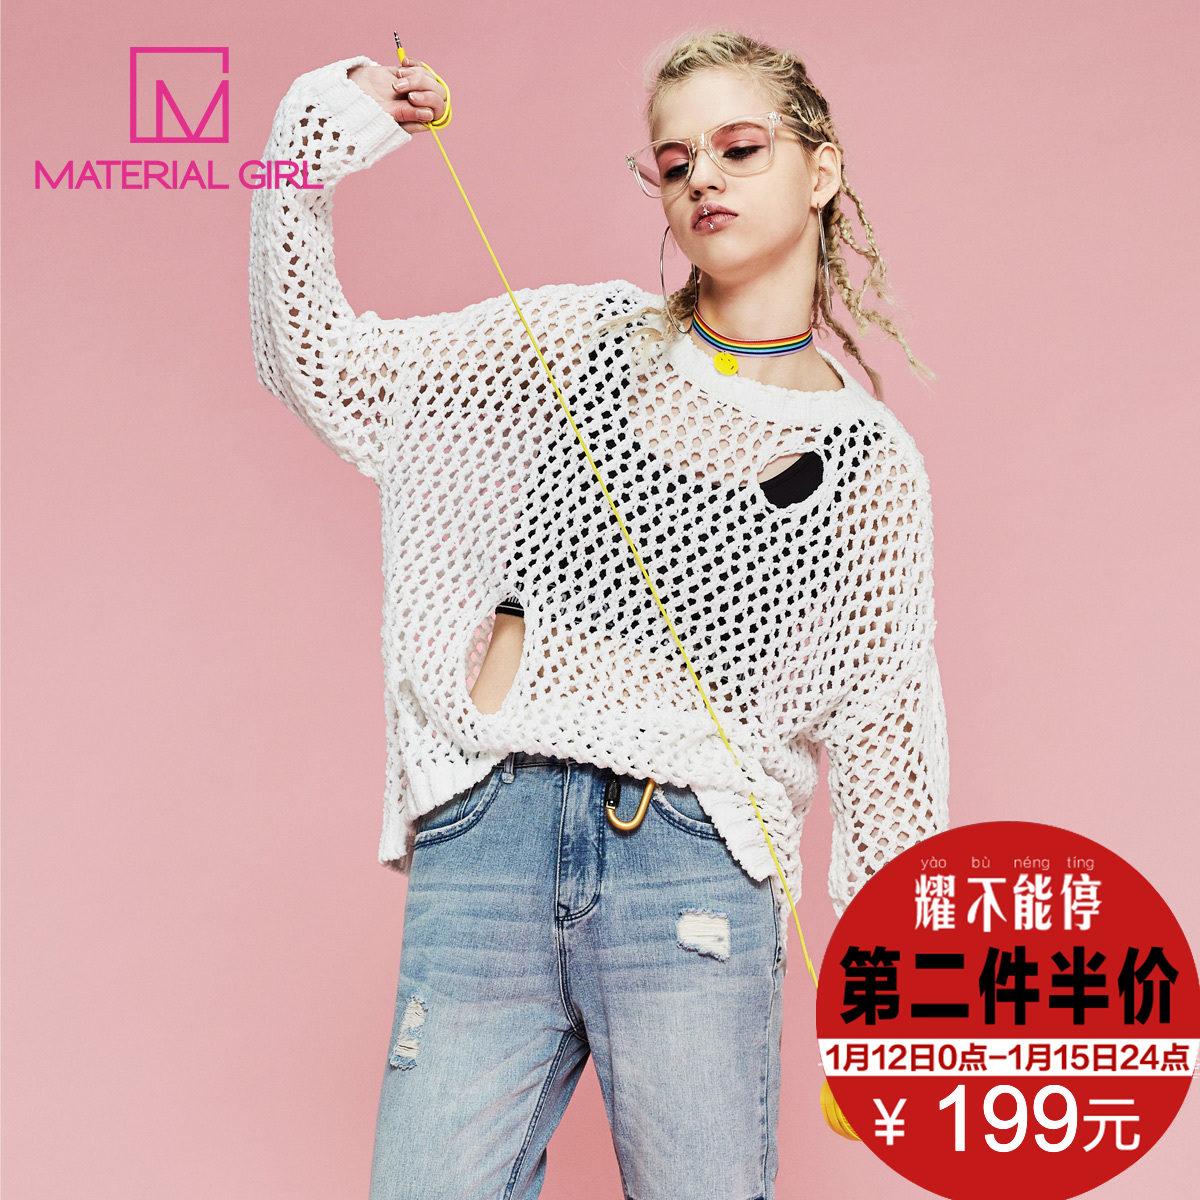 MG2017春季新款 白色镂空透视毛衫 个性内搭毛线衣 针织外套 女